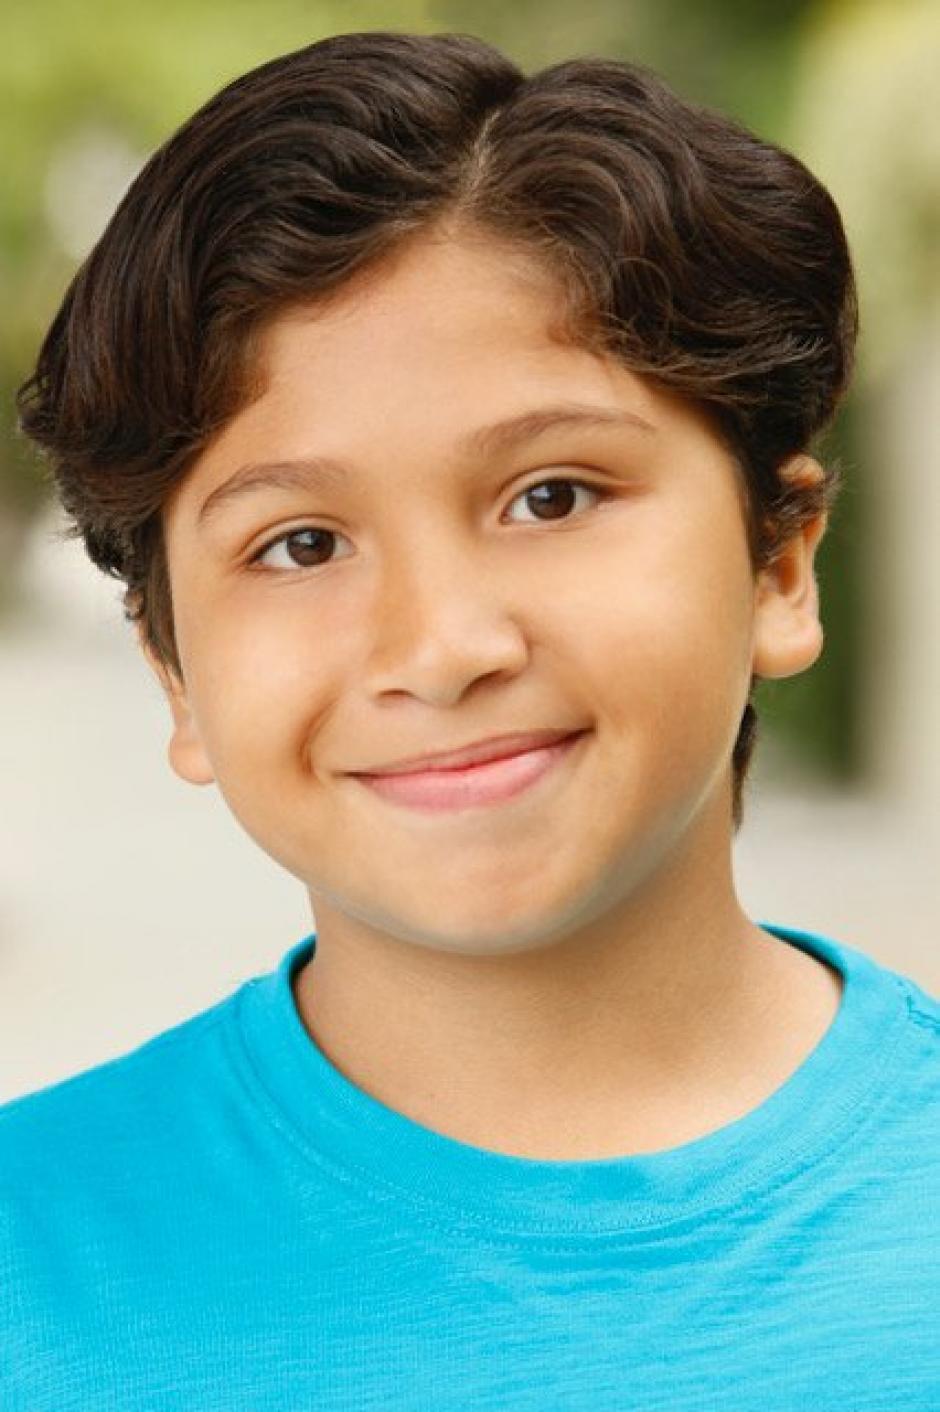 Anthony González interpretará la voz de Miguel, el protagonista. (Foto: Lee Unkrich)